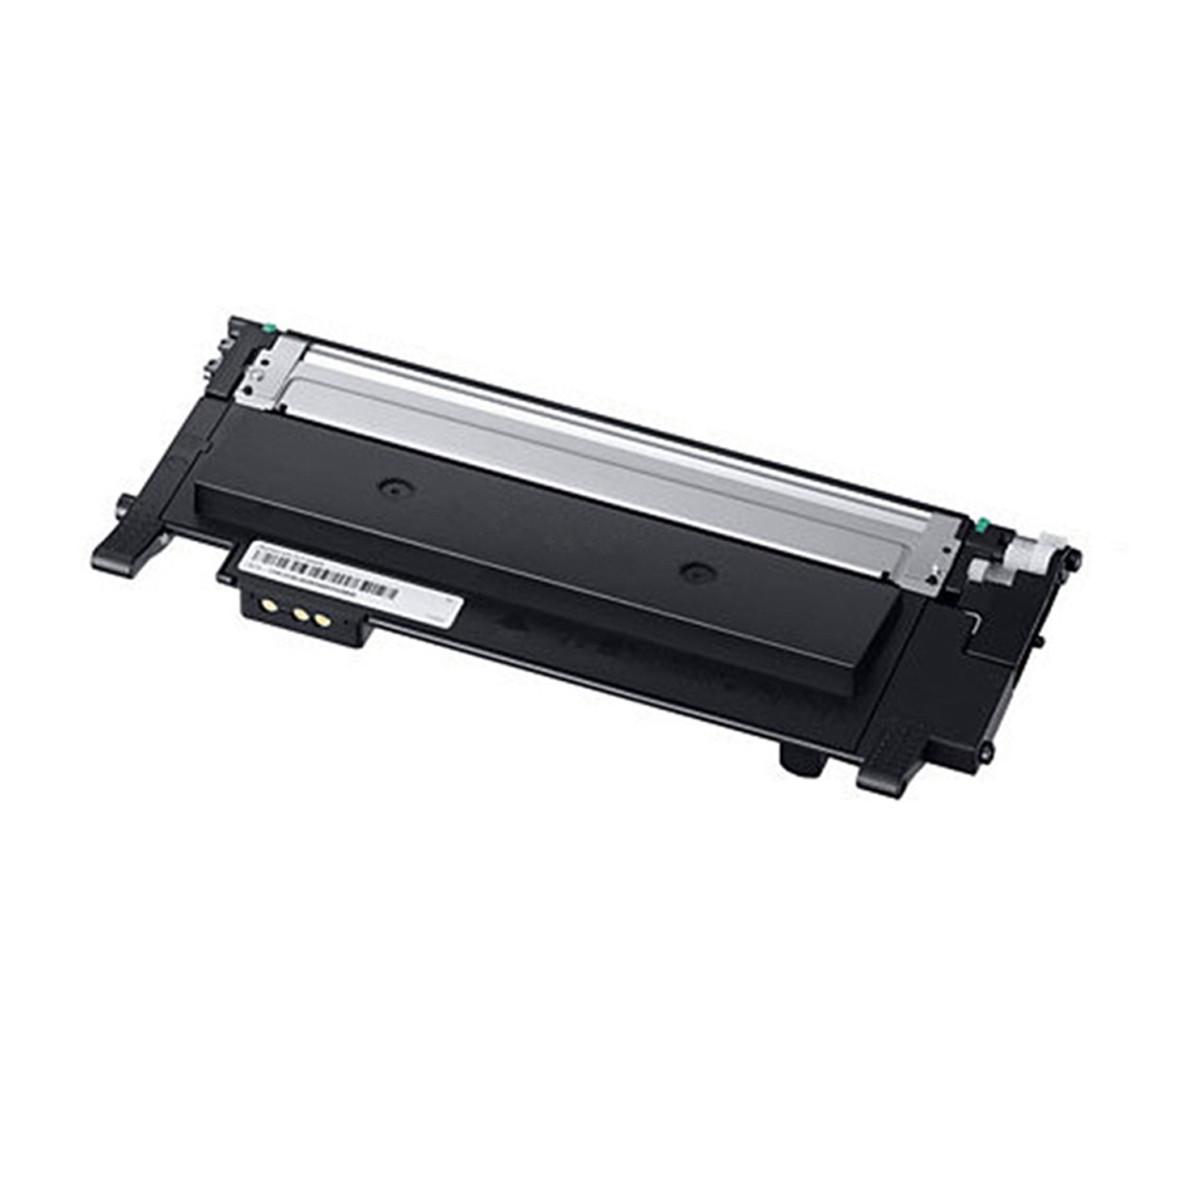 Toner Compatível com Samsung CLT-K404S CLT-404S Preto C430 C480 C430W C480W C480FW | Importado 1.5k